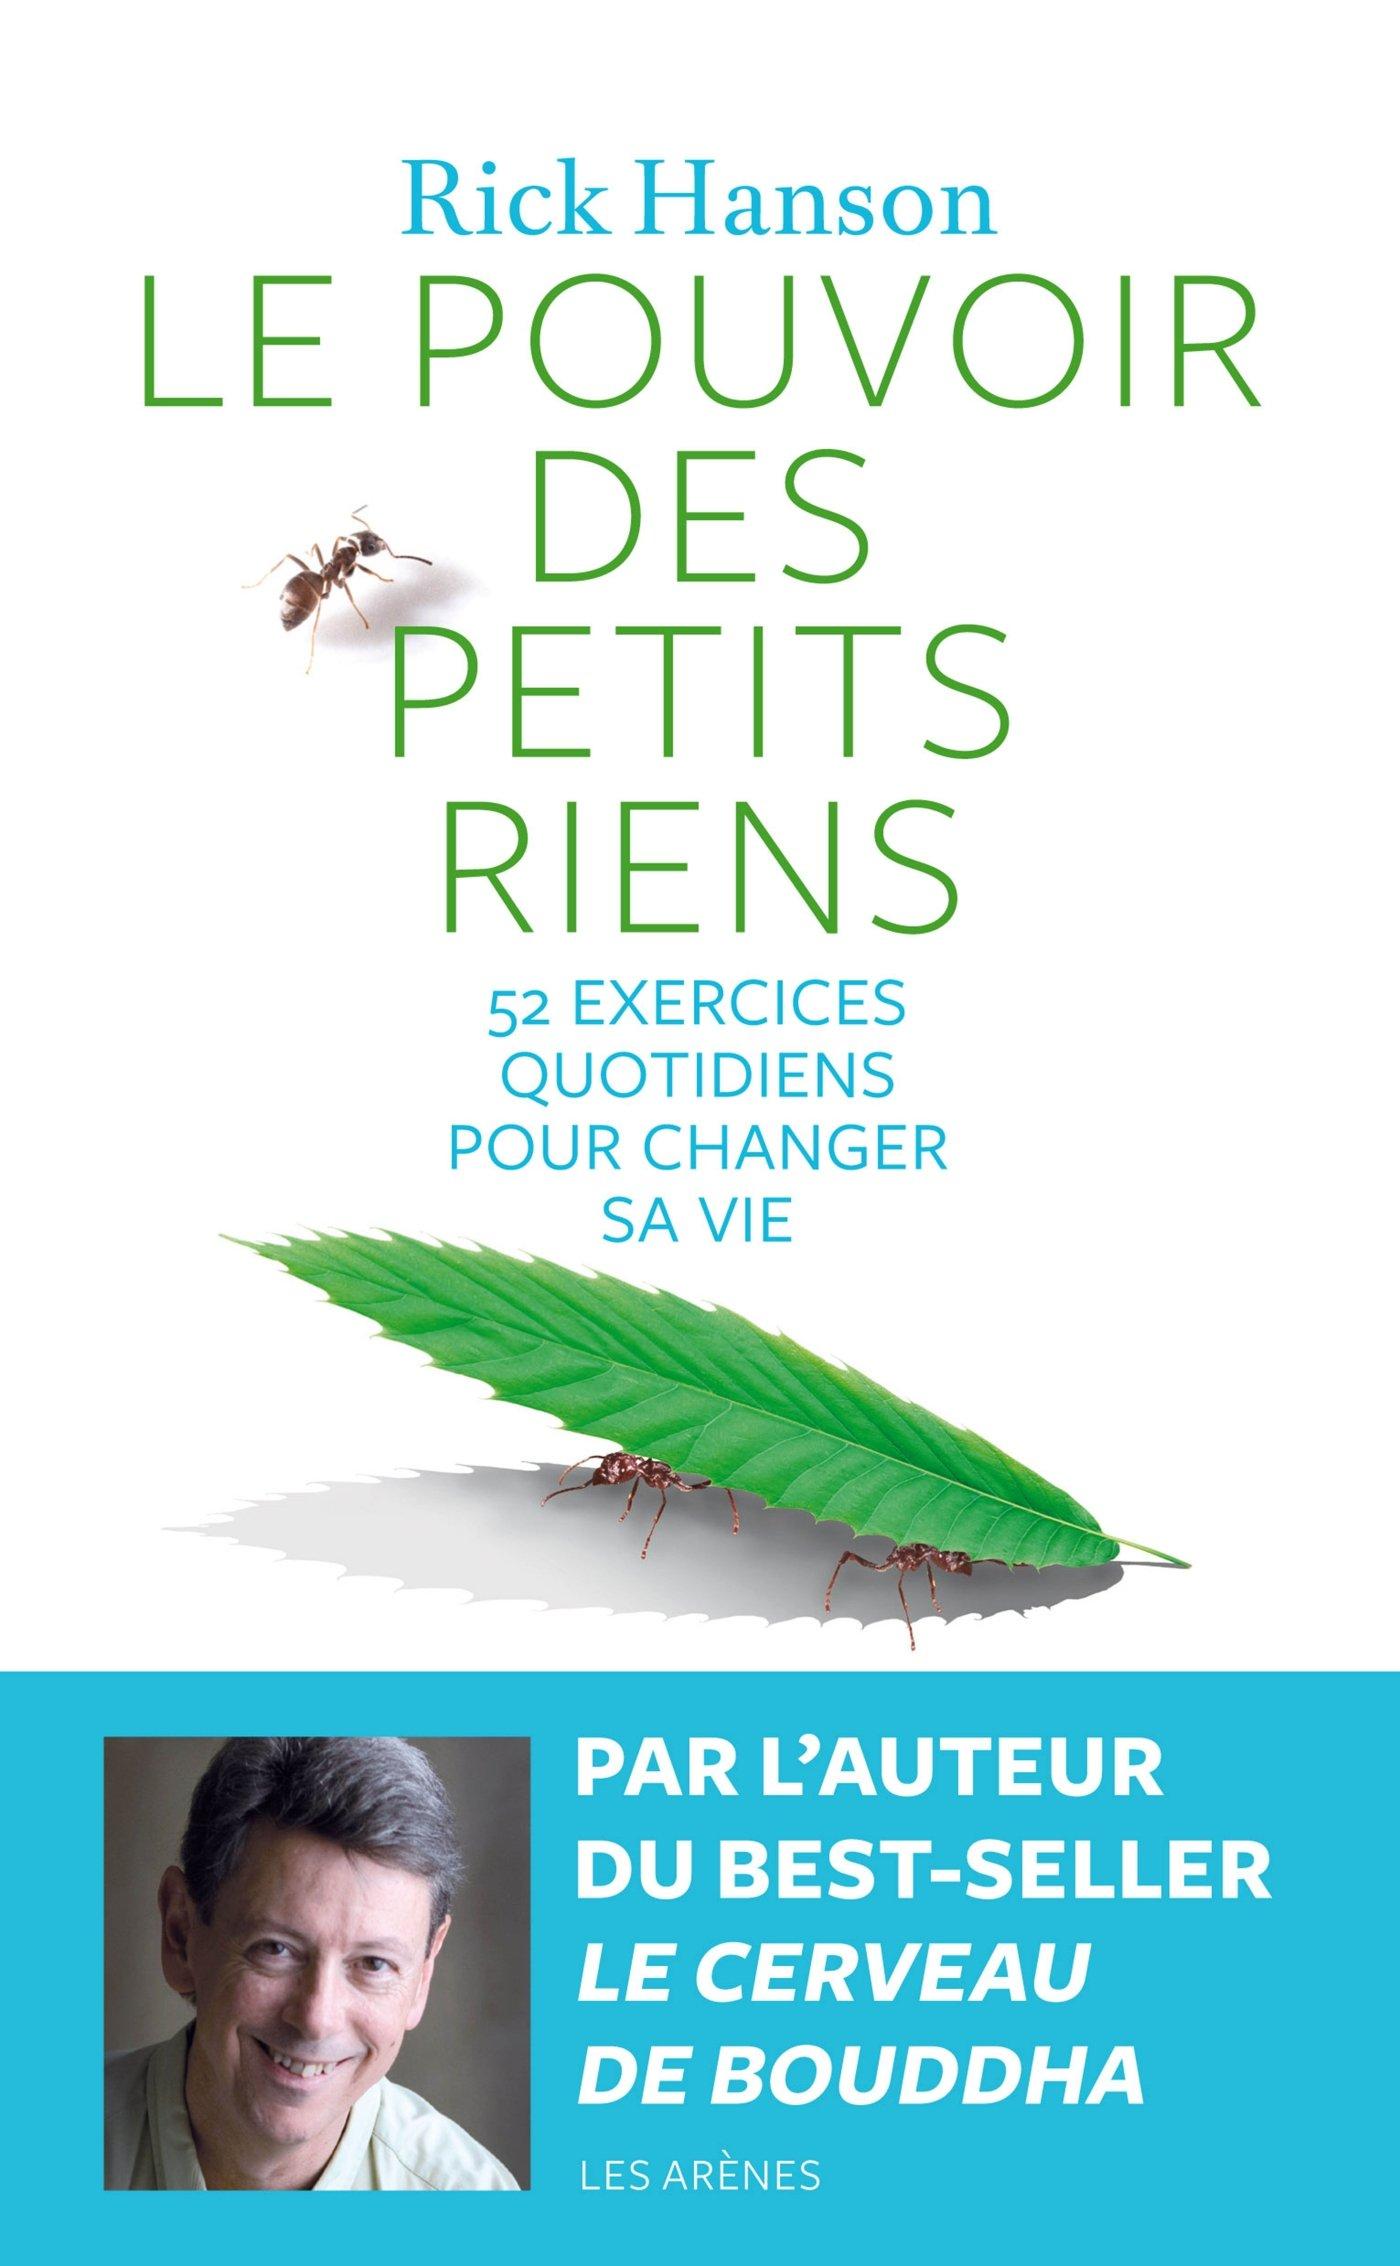 Le pouvoir des petits riens Broché – 28 mars 2013 Rick Hanson Olivier Colette Les Arènes 2352042372